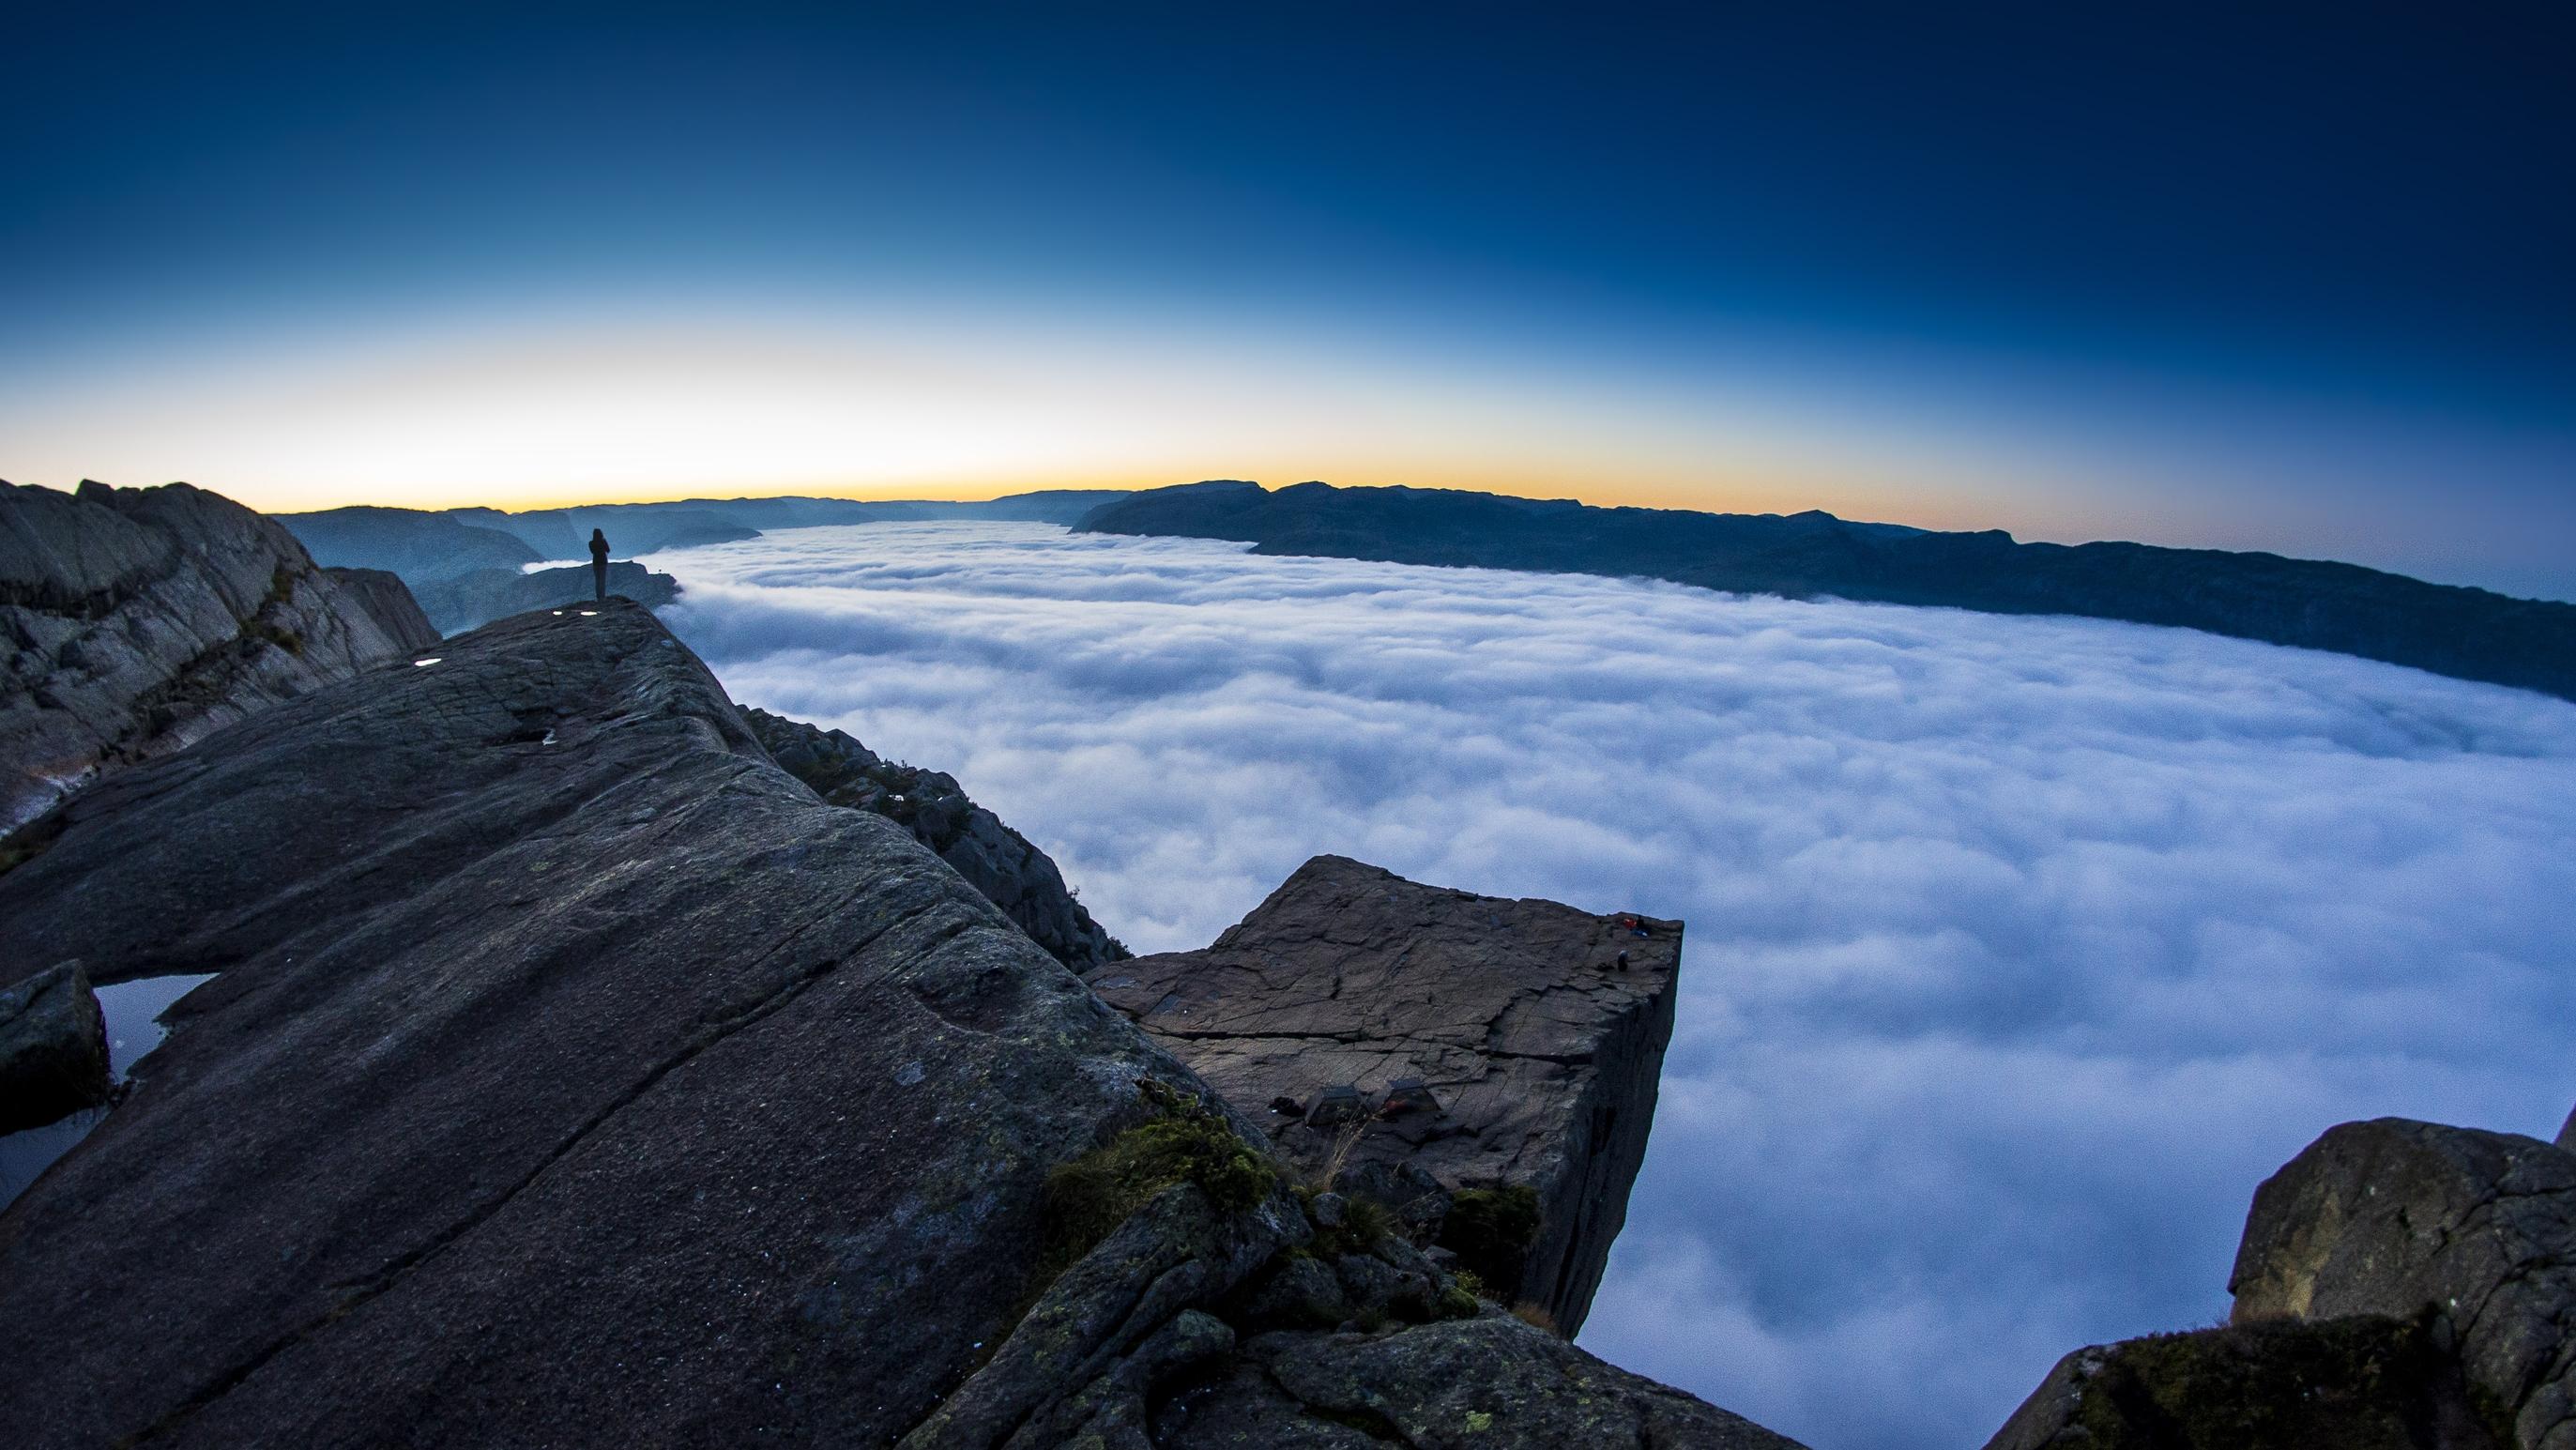 Zdjęcie Macieja Karpińskiego, zwycięzcy konkursu fotograficznego Fjord Line